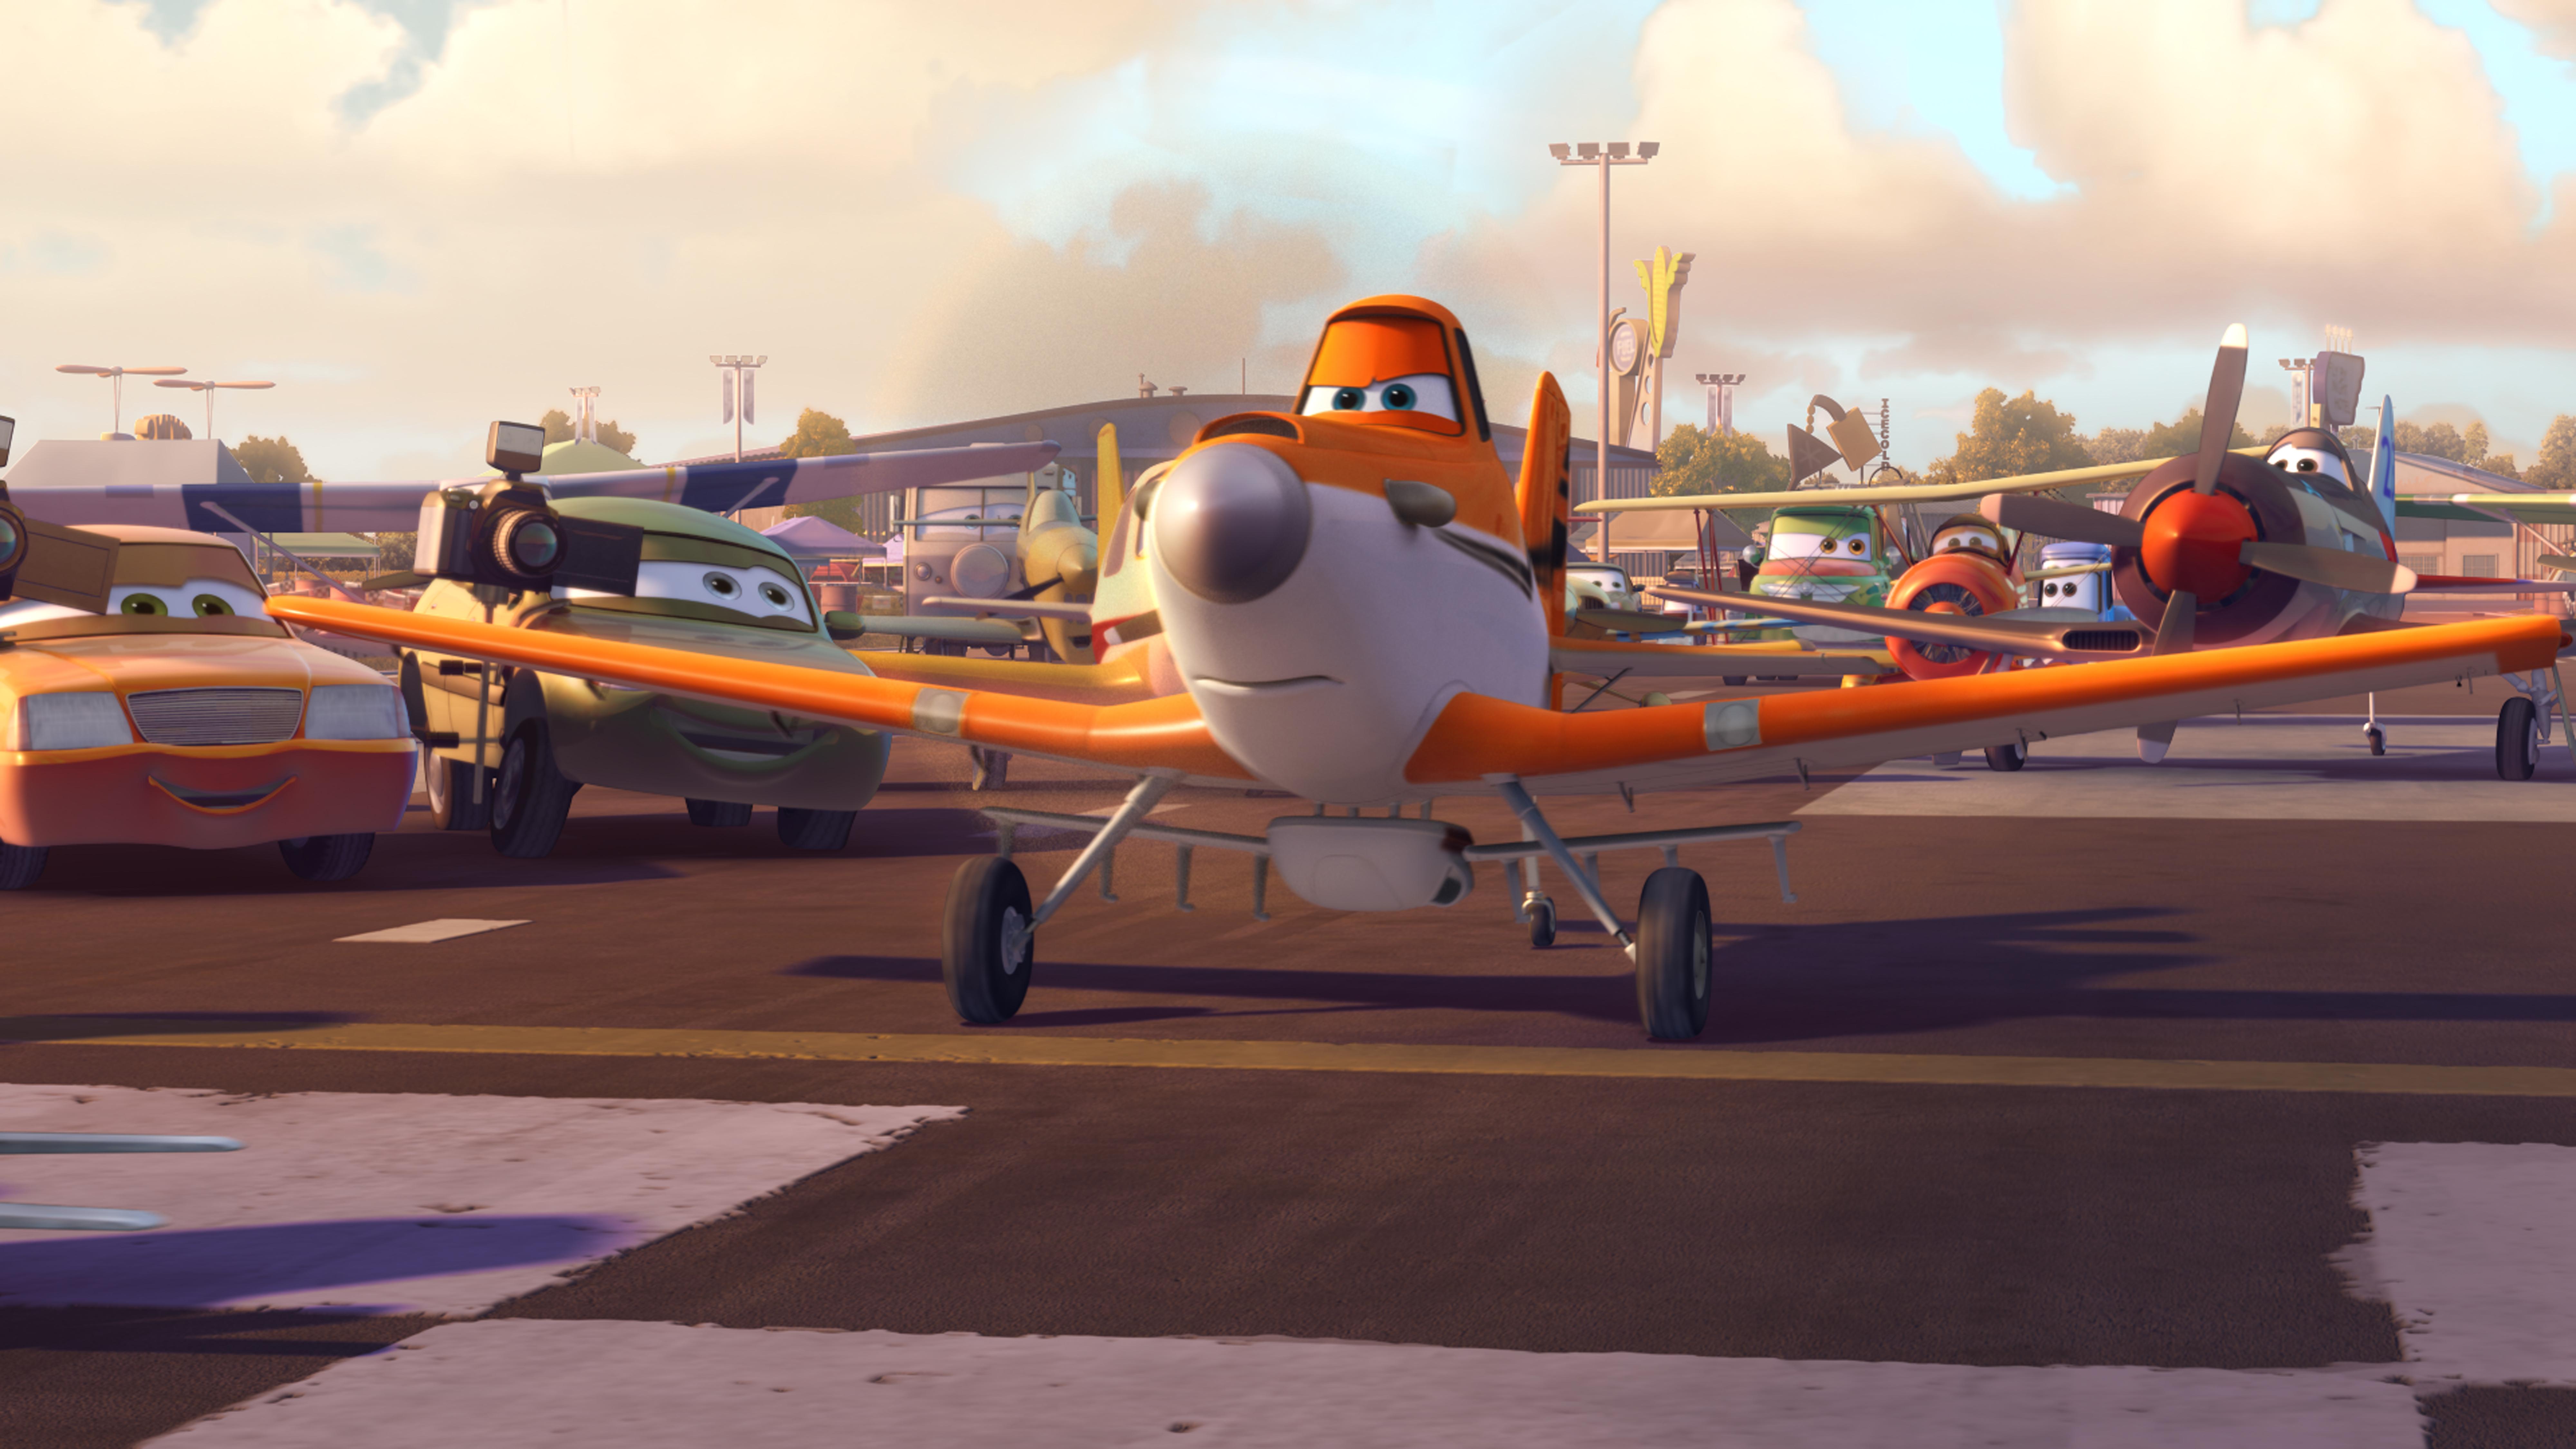 Planes Film Still